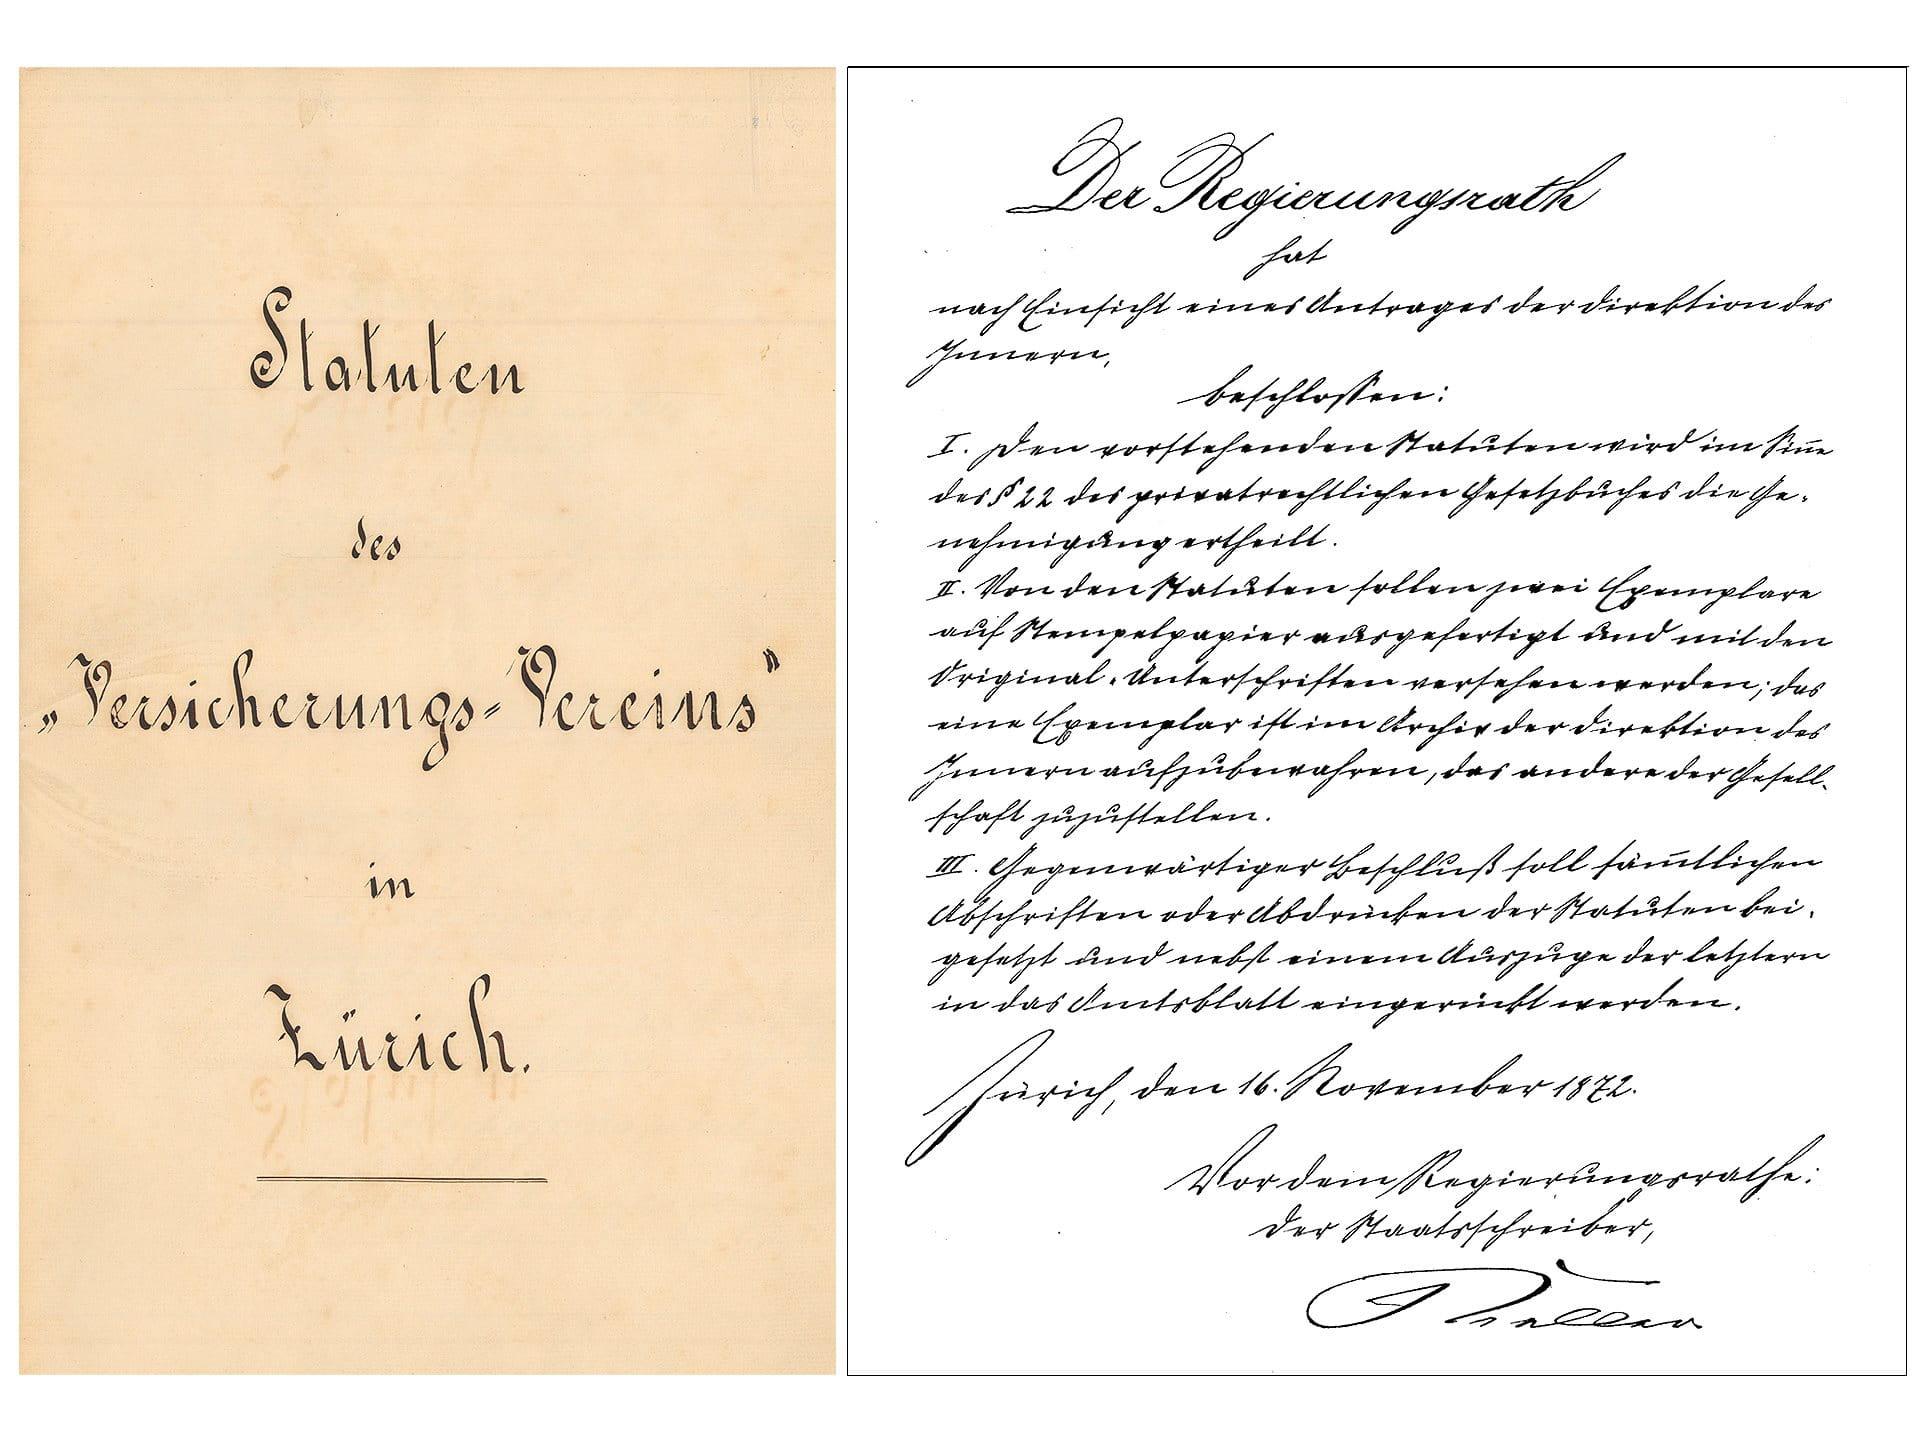 1872: Gottfried Keller sottoscrive gli statuti dell'«Unione delle assicurazioni»